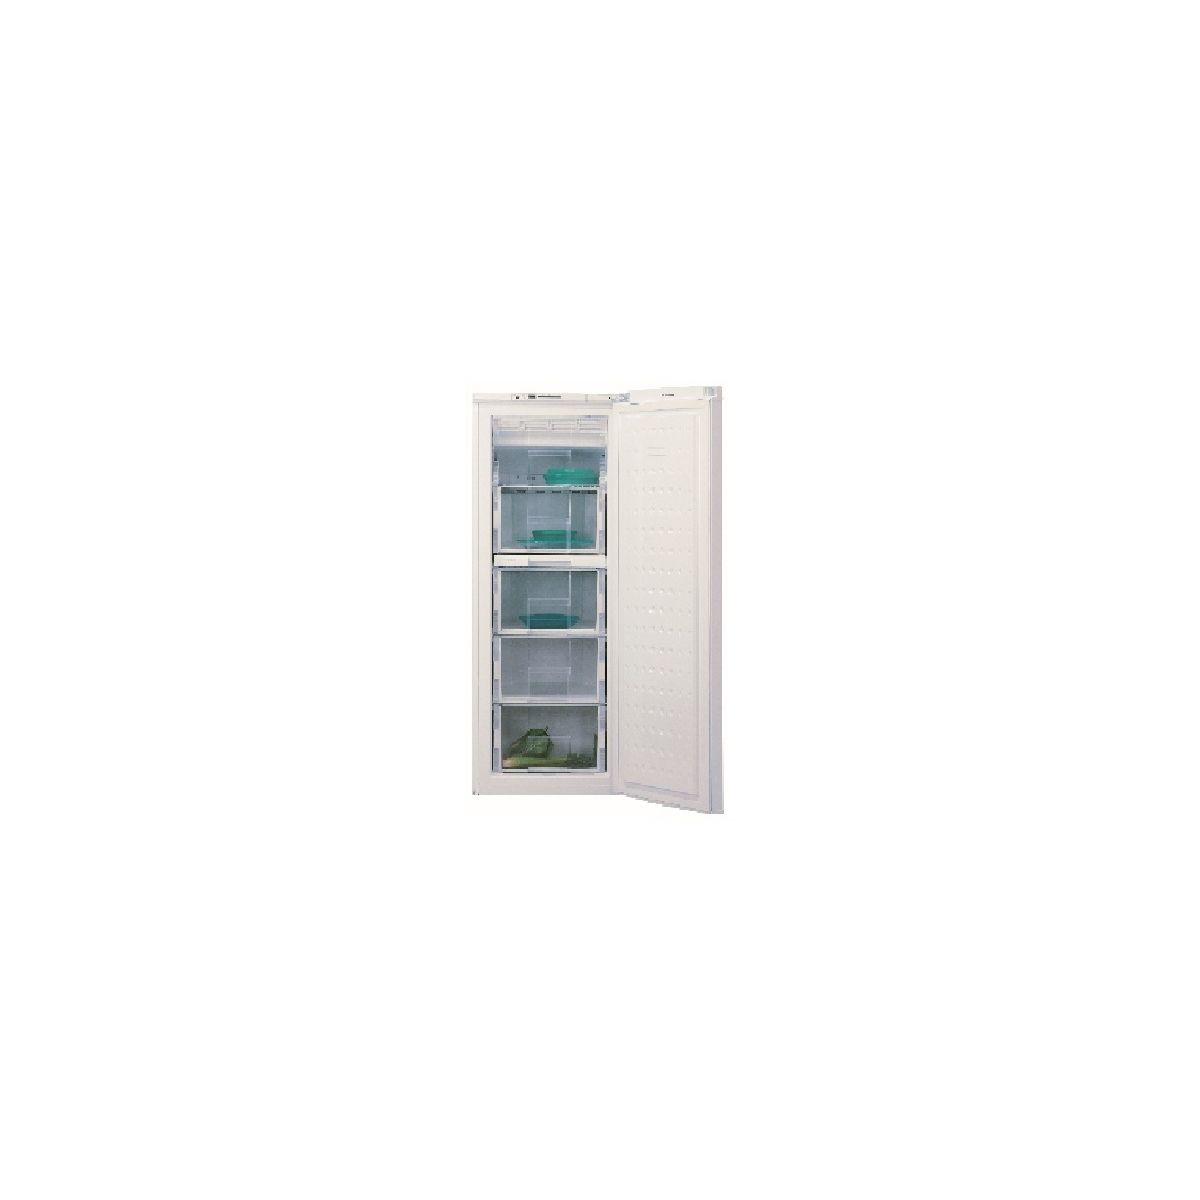 cong lateur armoire achat vente de cong lateur pas cher. Black Bedroom Furniture Sets. Home Design Ideas